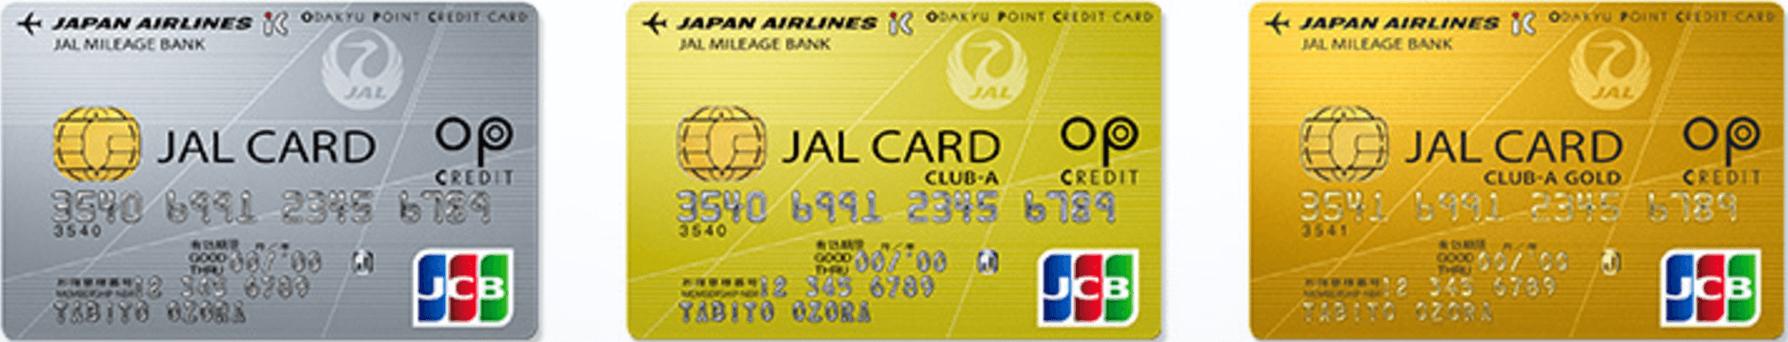 JALカード OPクレジット普通・CLUB-Aカード・CLUB-Aゴールドカードの券面